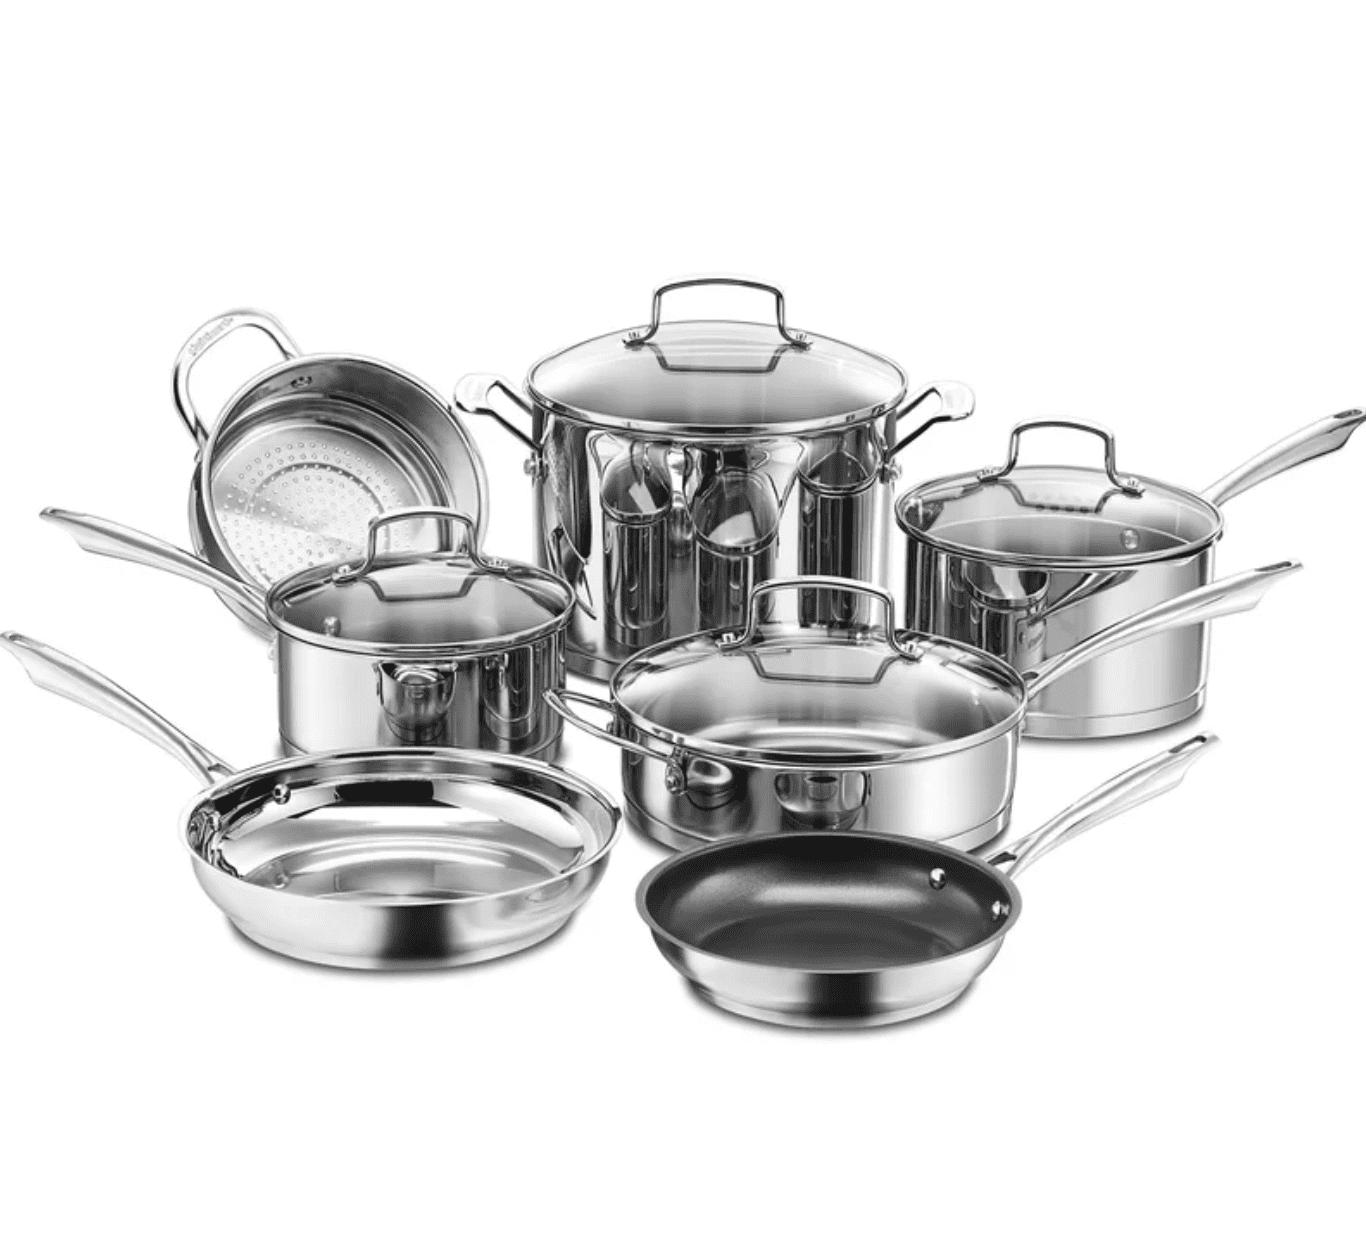 Cuisinart Professional Series Cookware Set